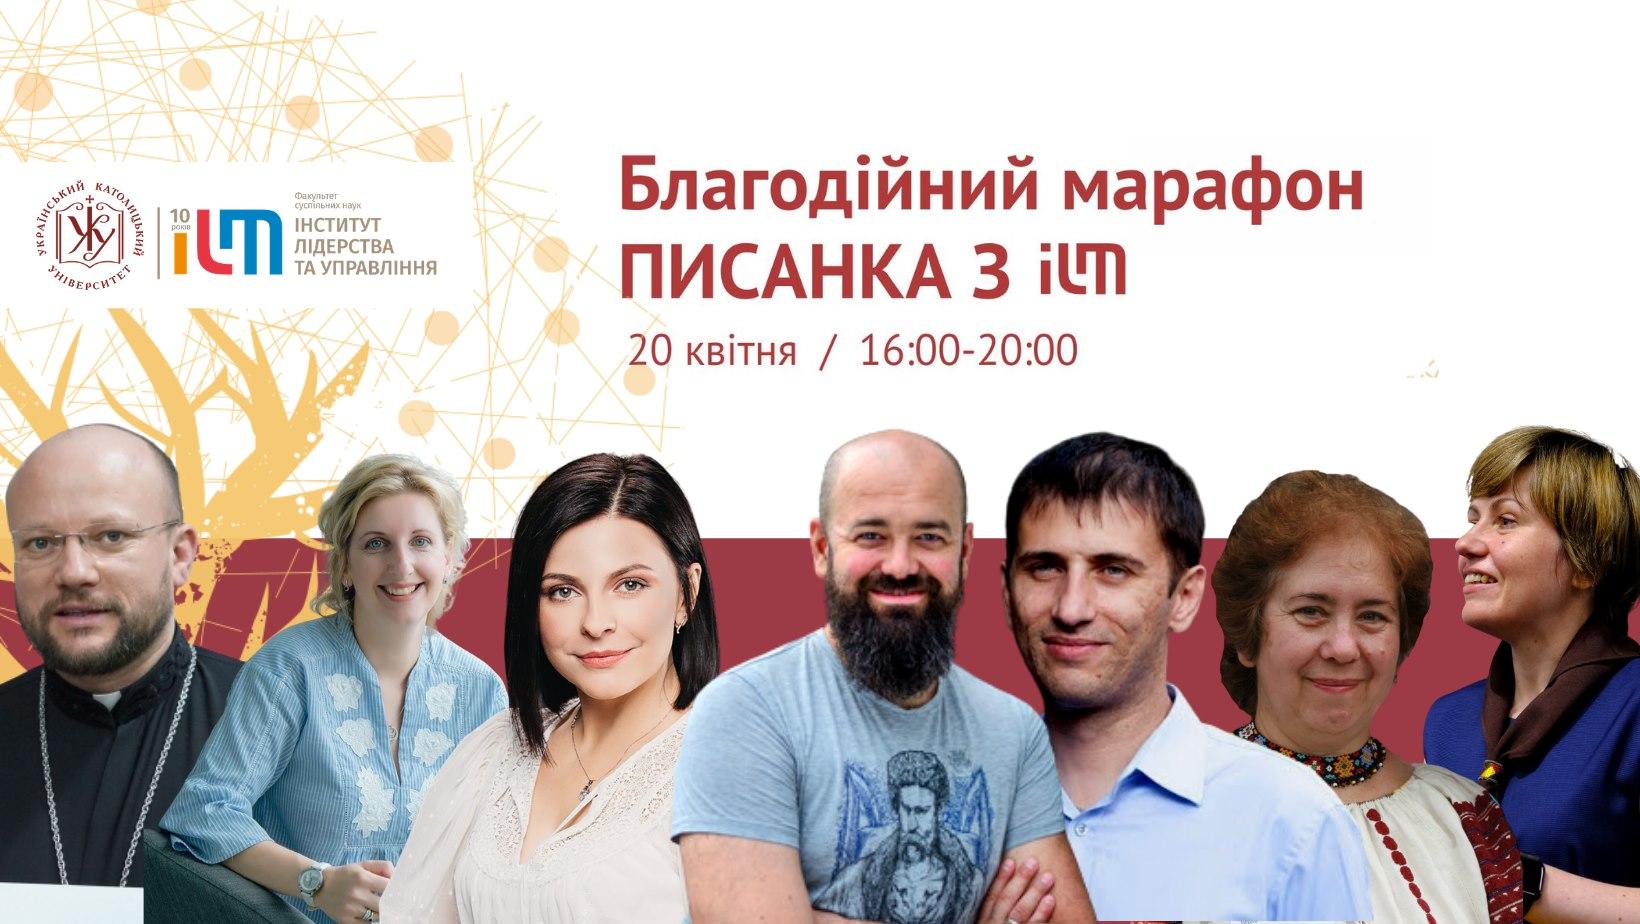 УКУ запрошує взяти участь в благодійному марафоні з розпису писанок